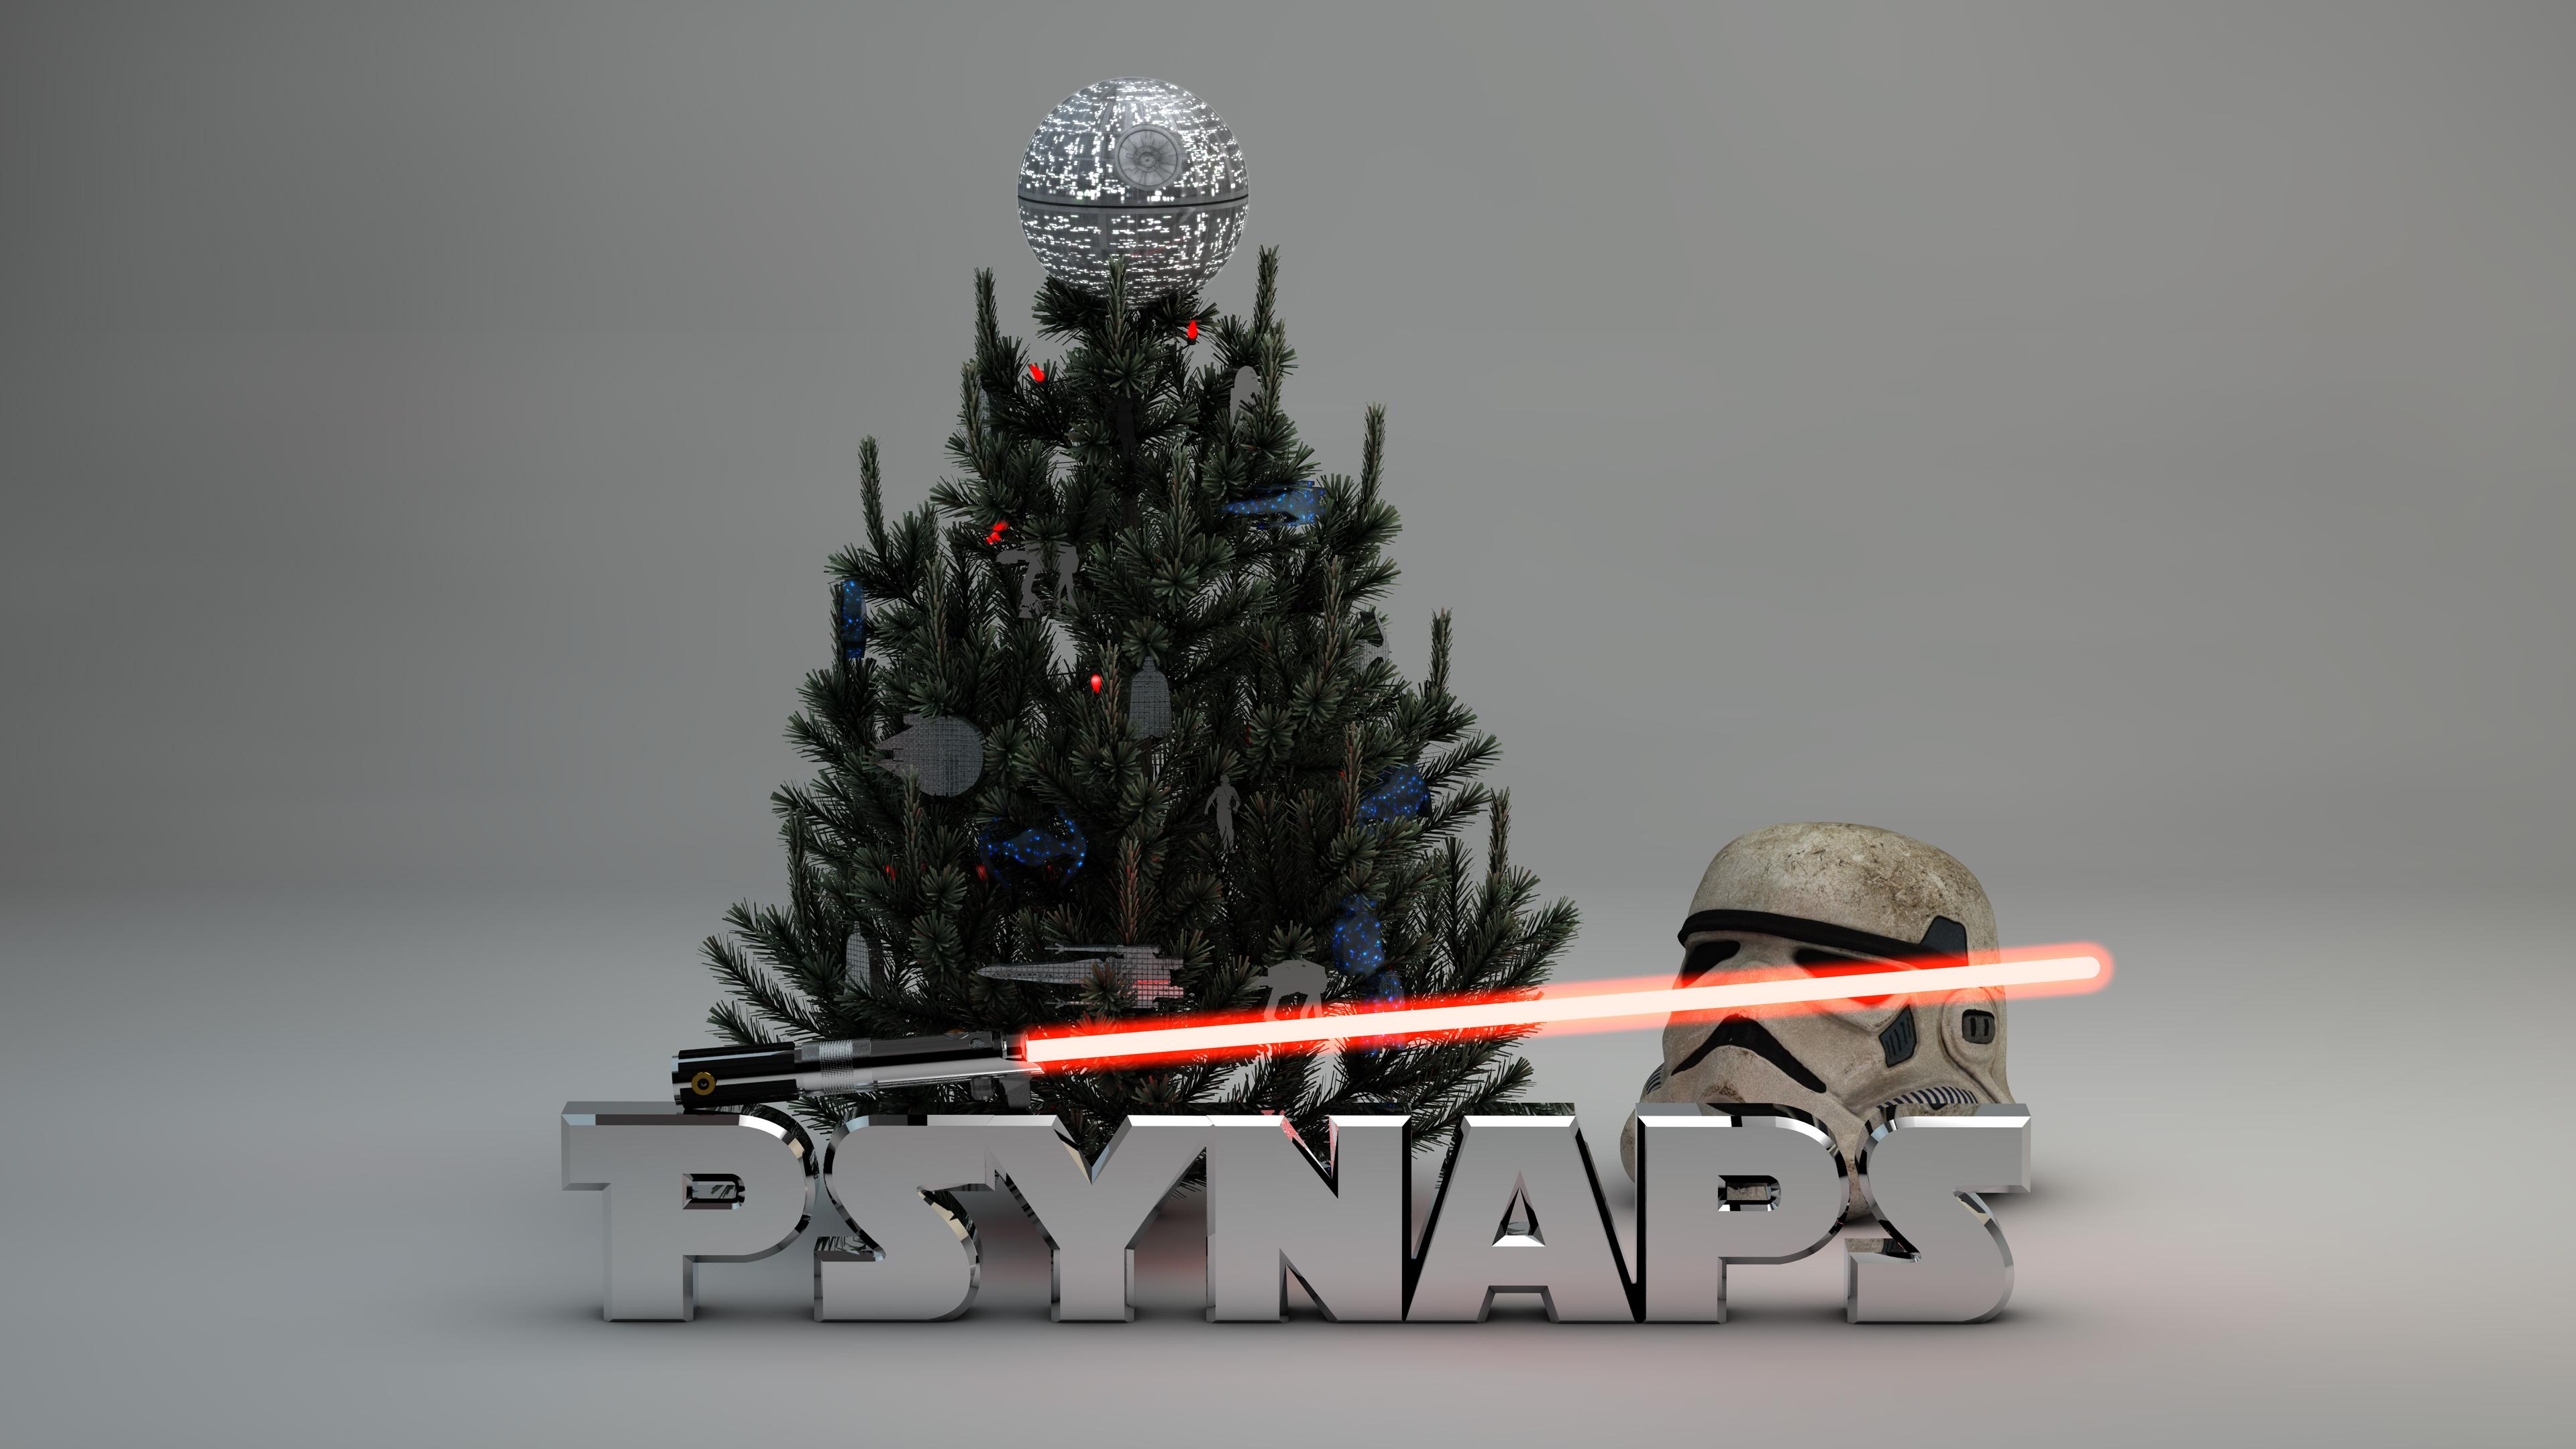 Star Wars Christmas Tree 4K Custom Wallpaper - Star Wars Christmas Tree Ornaments